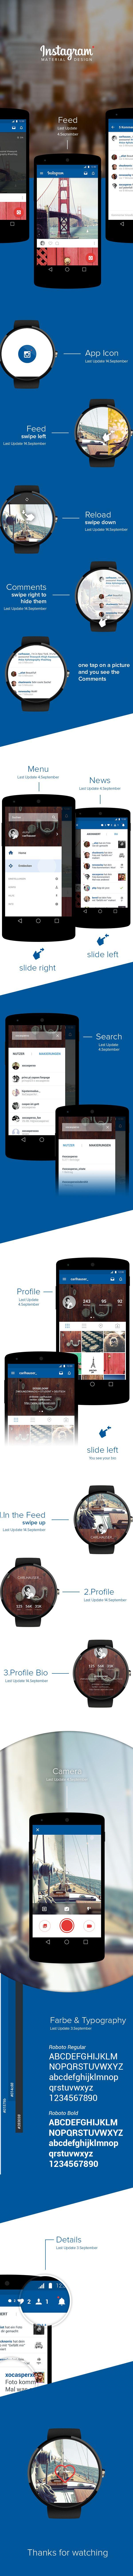 Instagram   Material Design on Behance